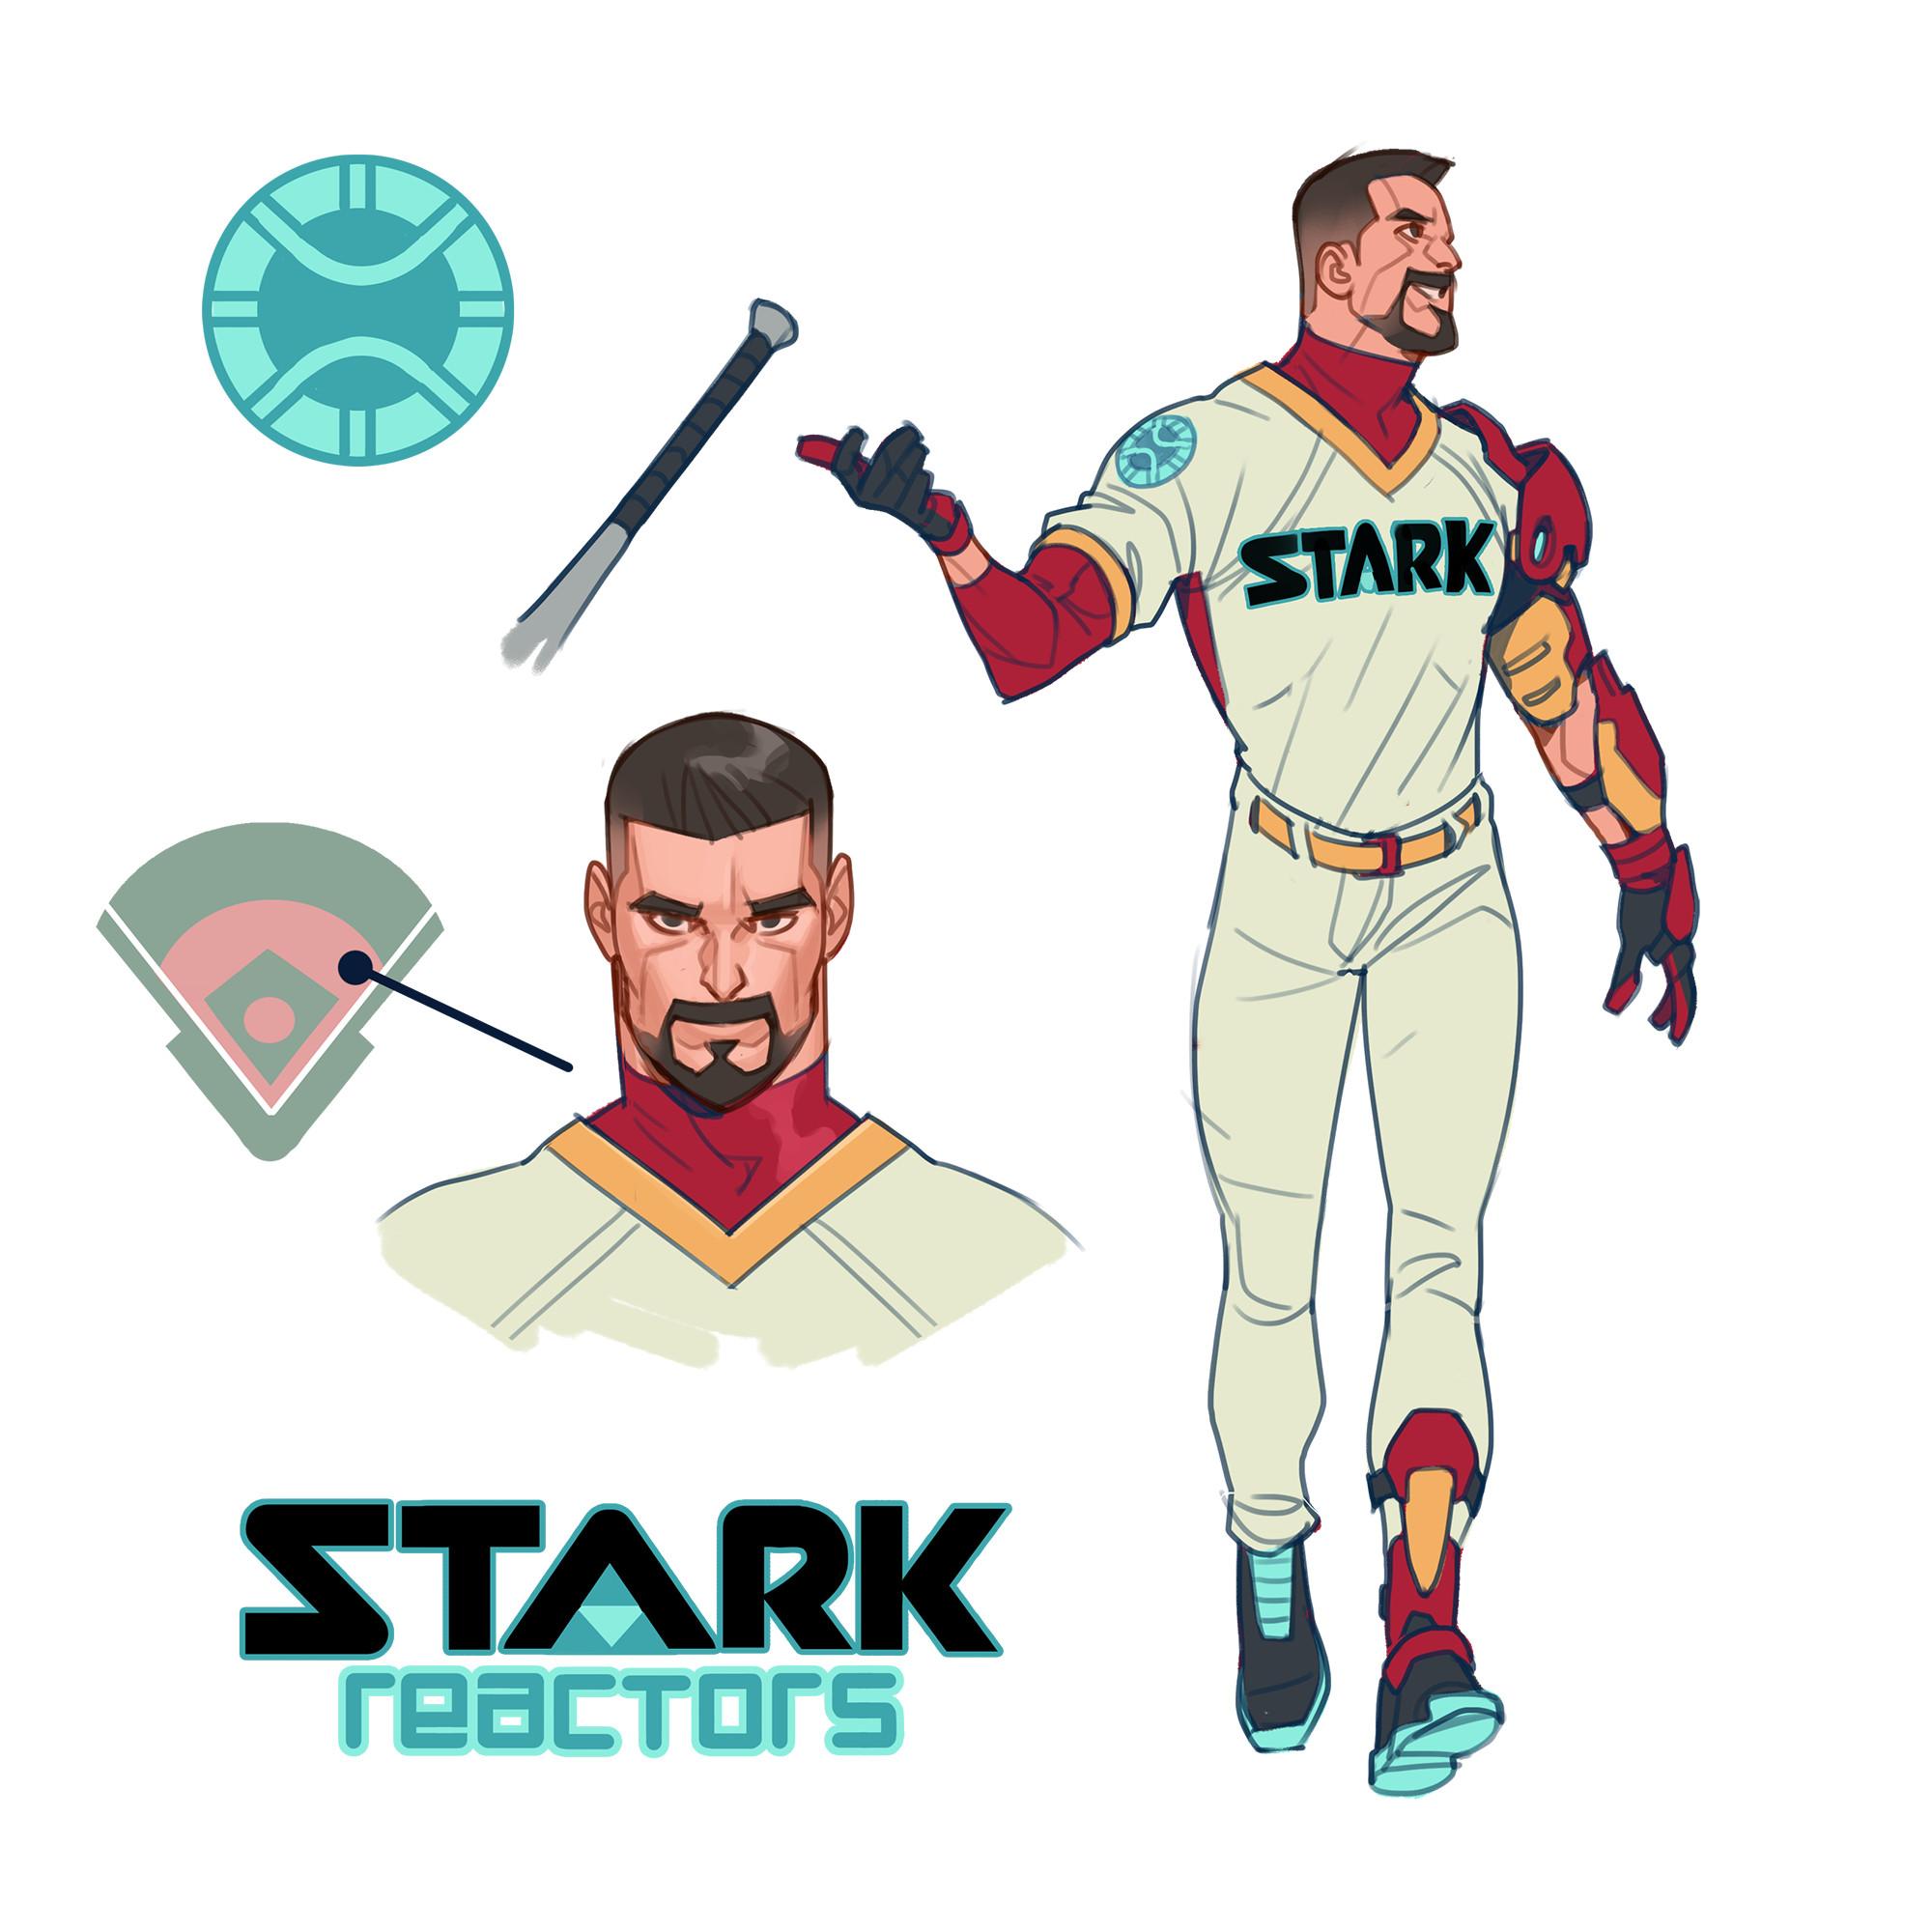 The Stark Reactors!